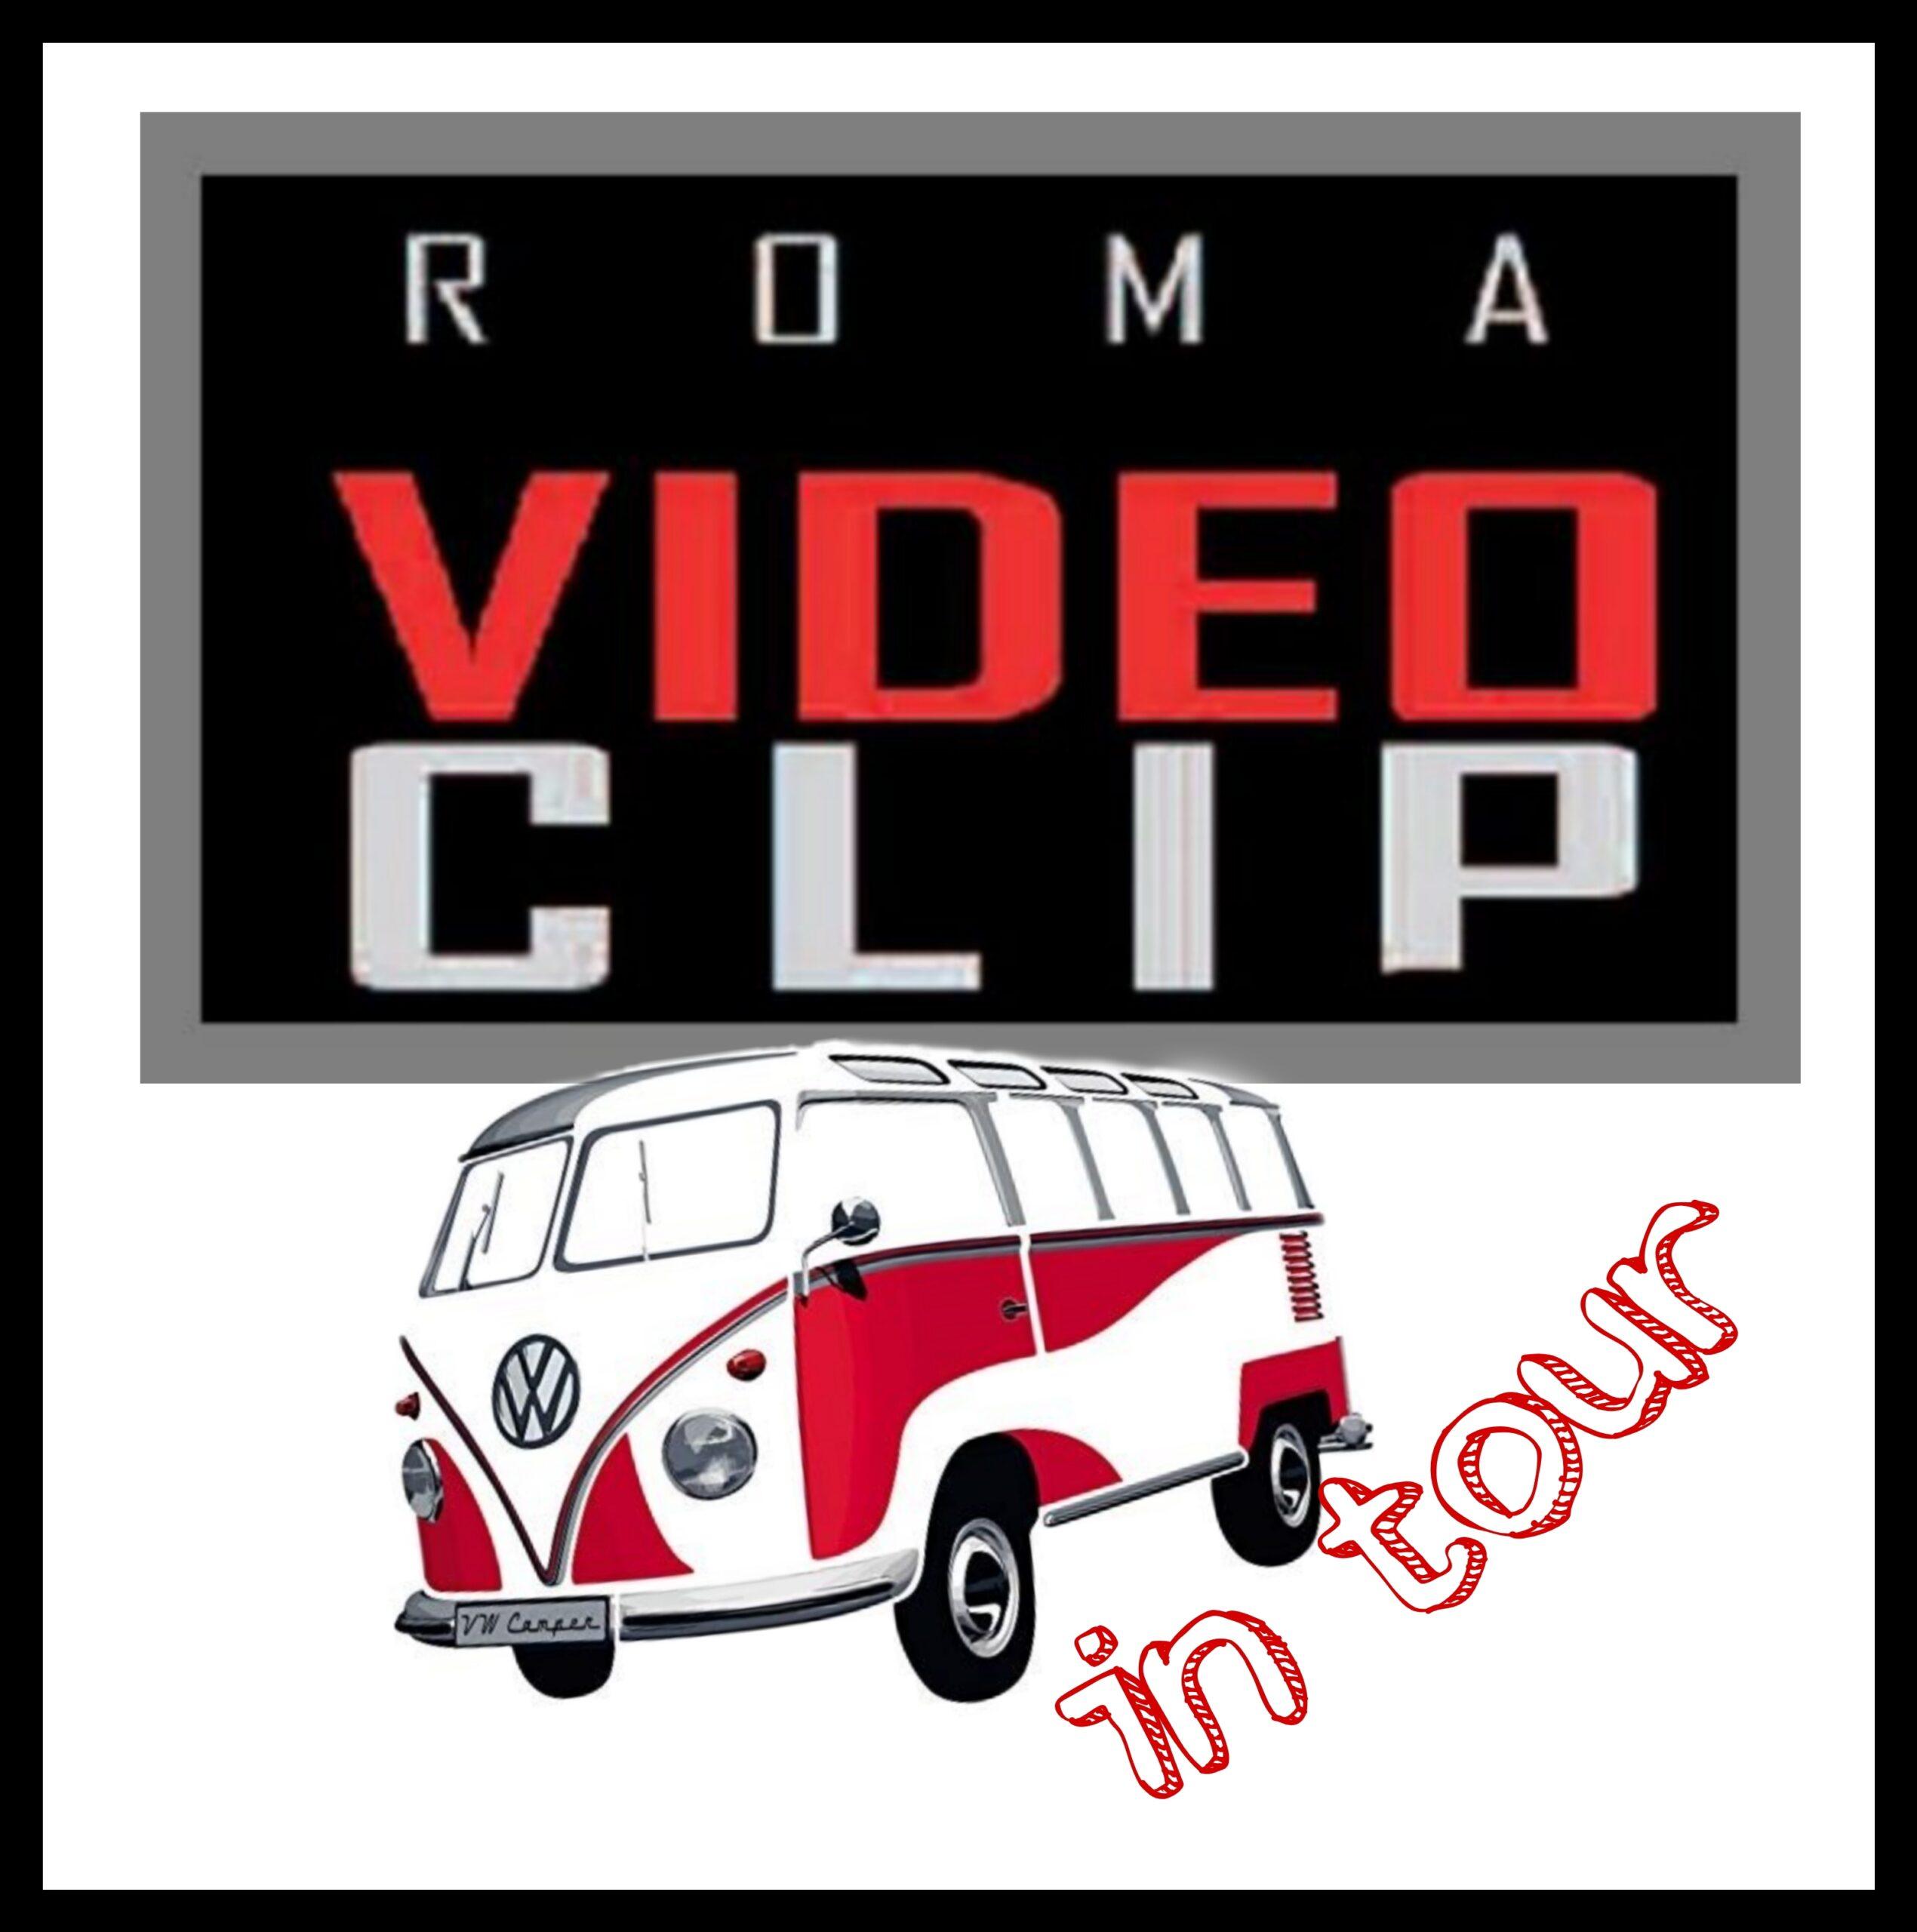 Risultato immagini per ROMA VIDEOCLIP IN TOUR in collaborazione con YouMusic.Tv